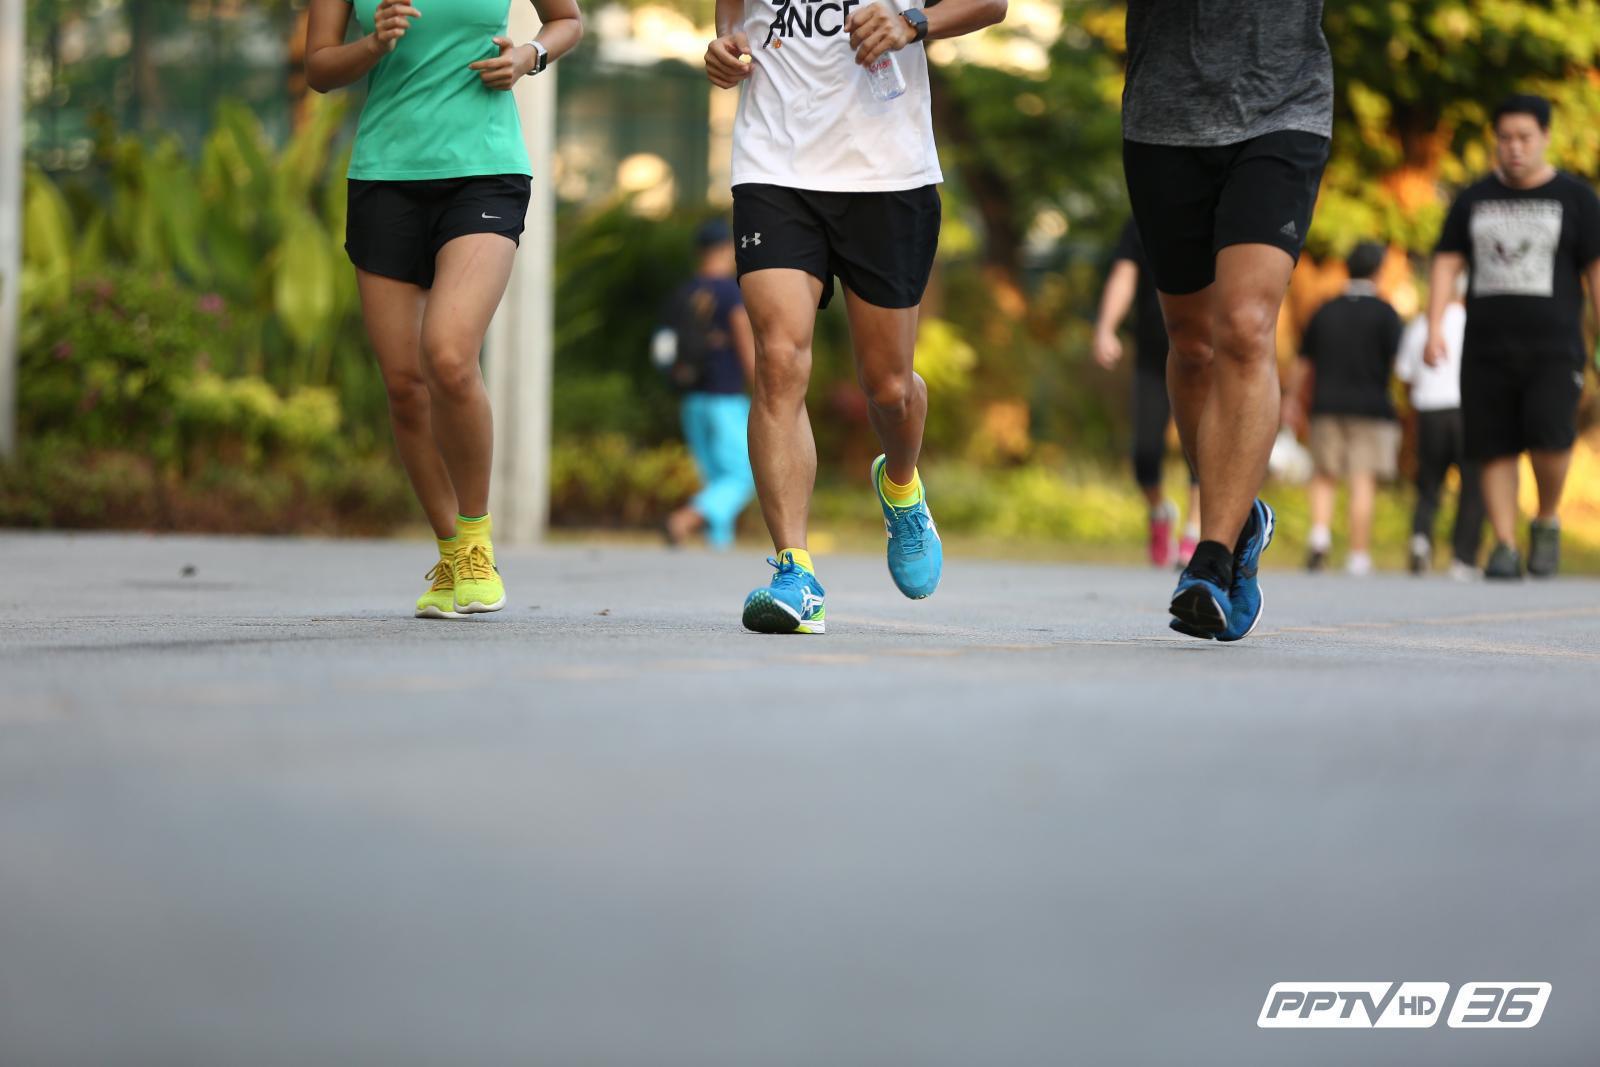 """แพทย์เตือน """"วิ่ง – ออกกำลังกาย"""" ควรวอร์มอัพ-คูลดาวน์ทุกครั้ง เพื่อลดอาการบาดเจ็บ"""